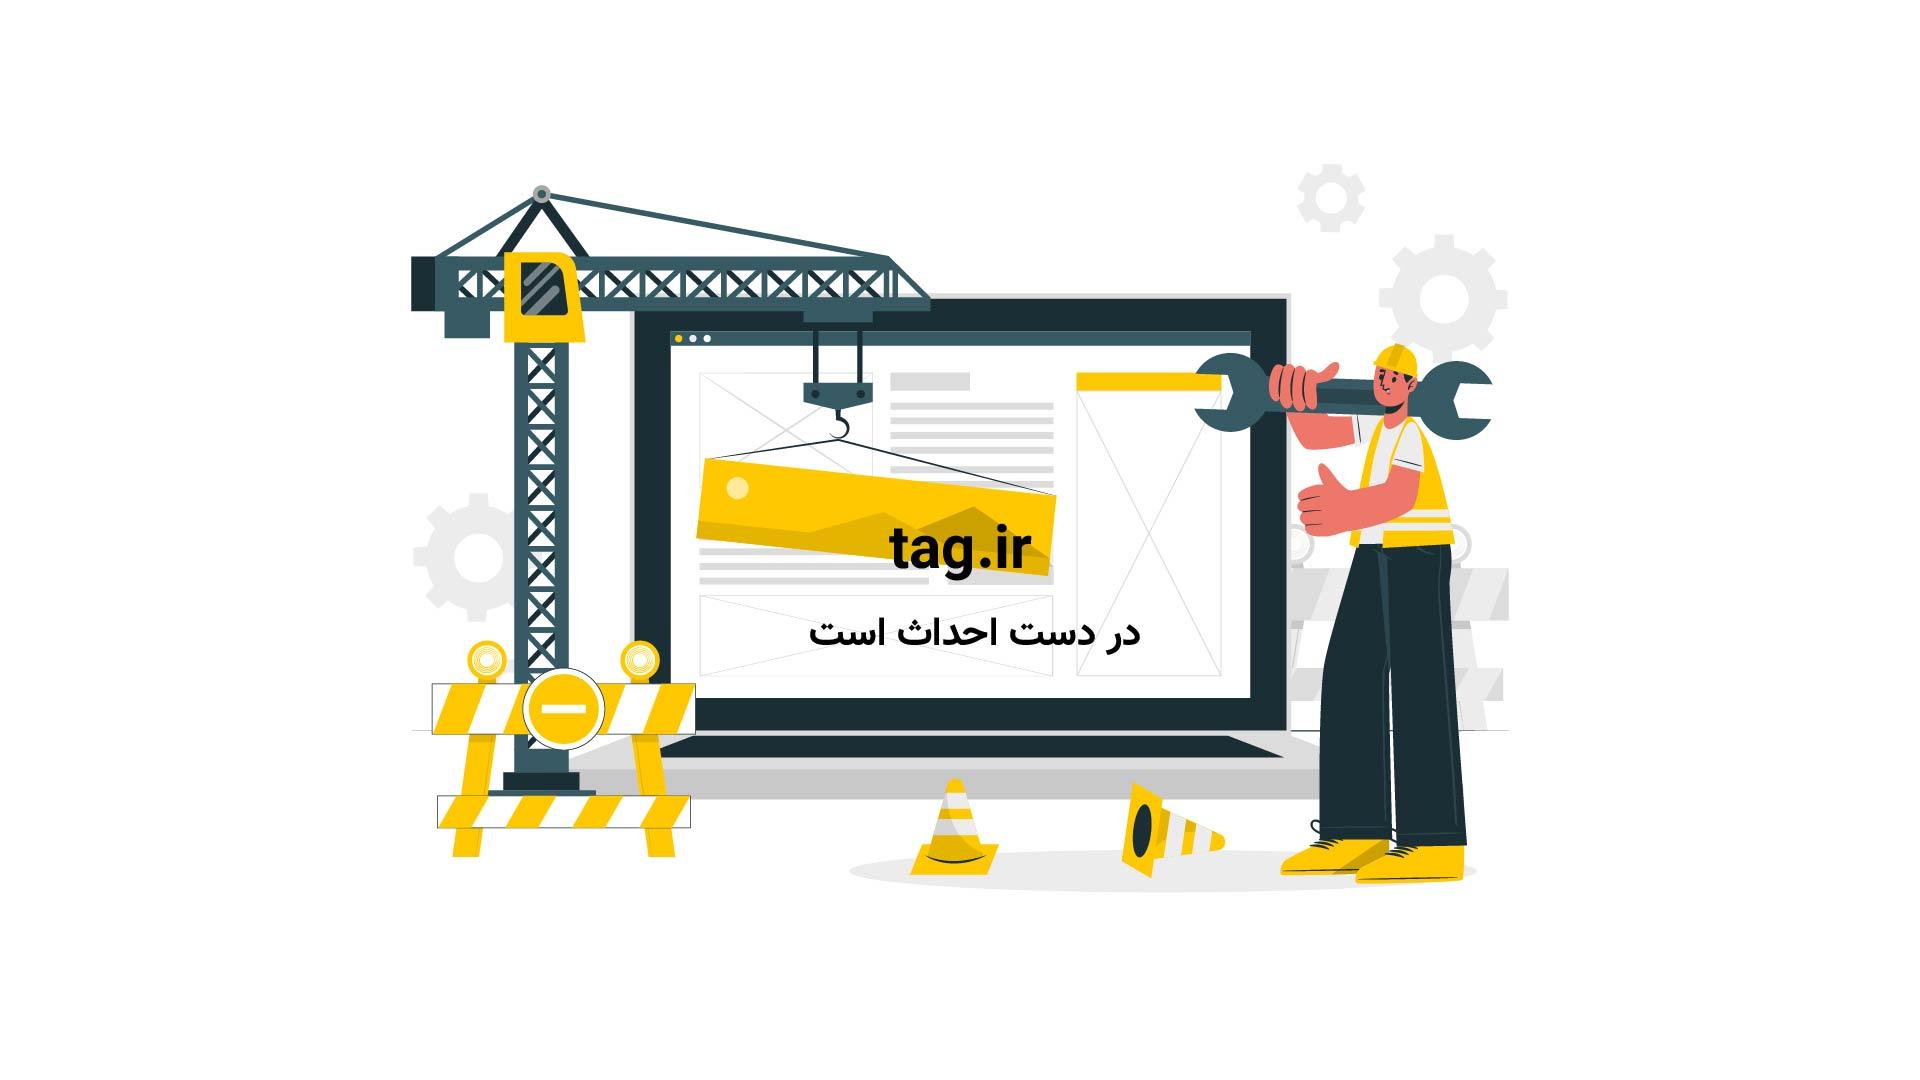 قلعه چالشتر اثری با شکوه از نظر معماری در ایران | فیلم